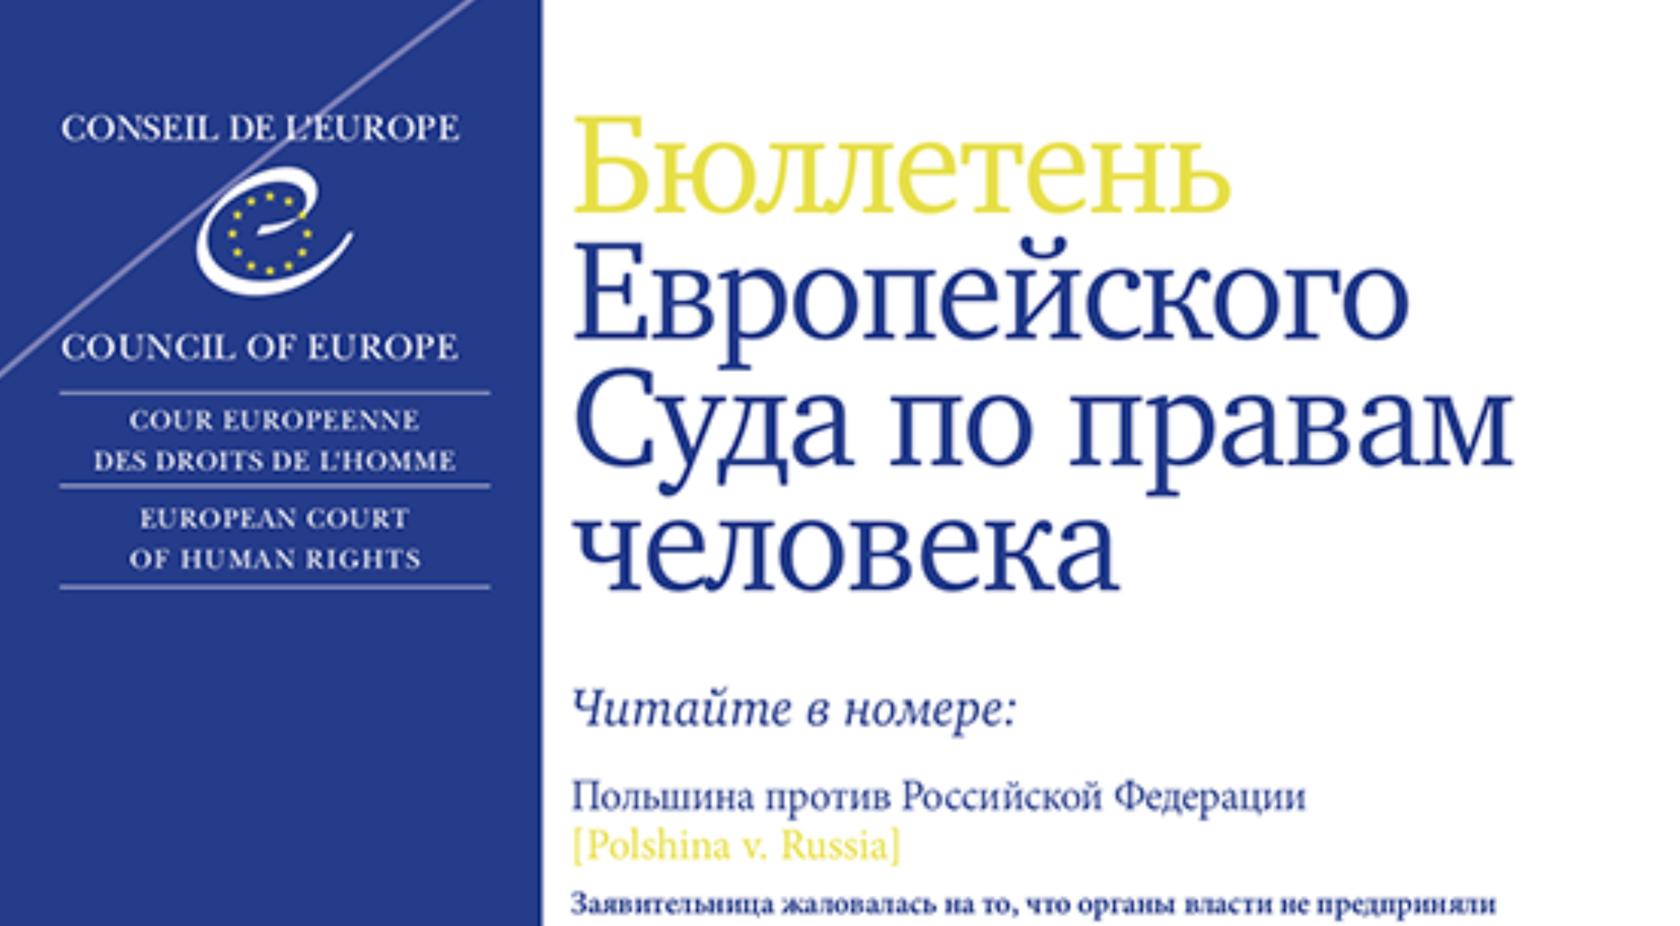 Заместитель директора журнала Бюллетень Европейского Суда по правам человека о ЕСПЧ-Навигаторе